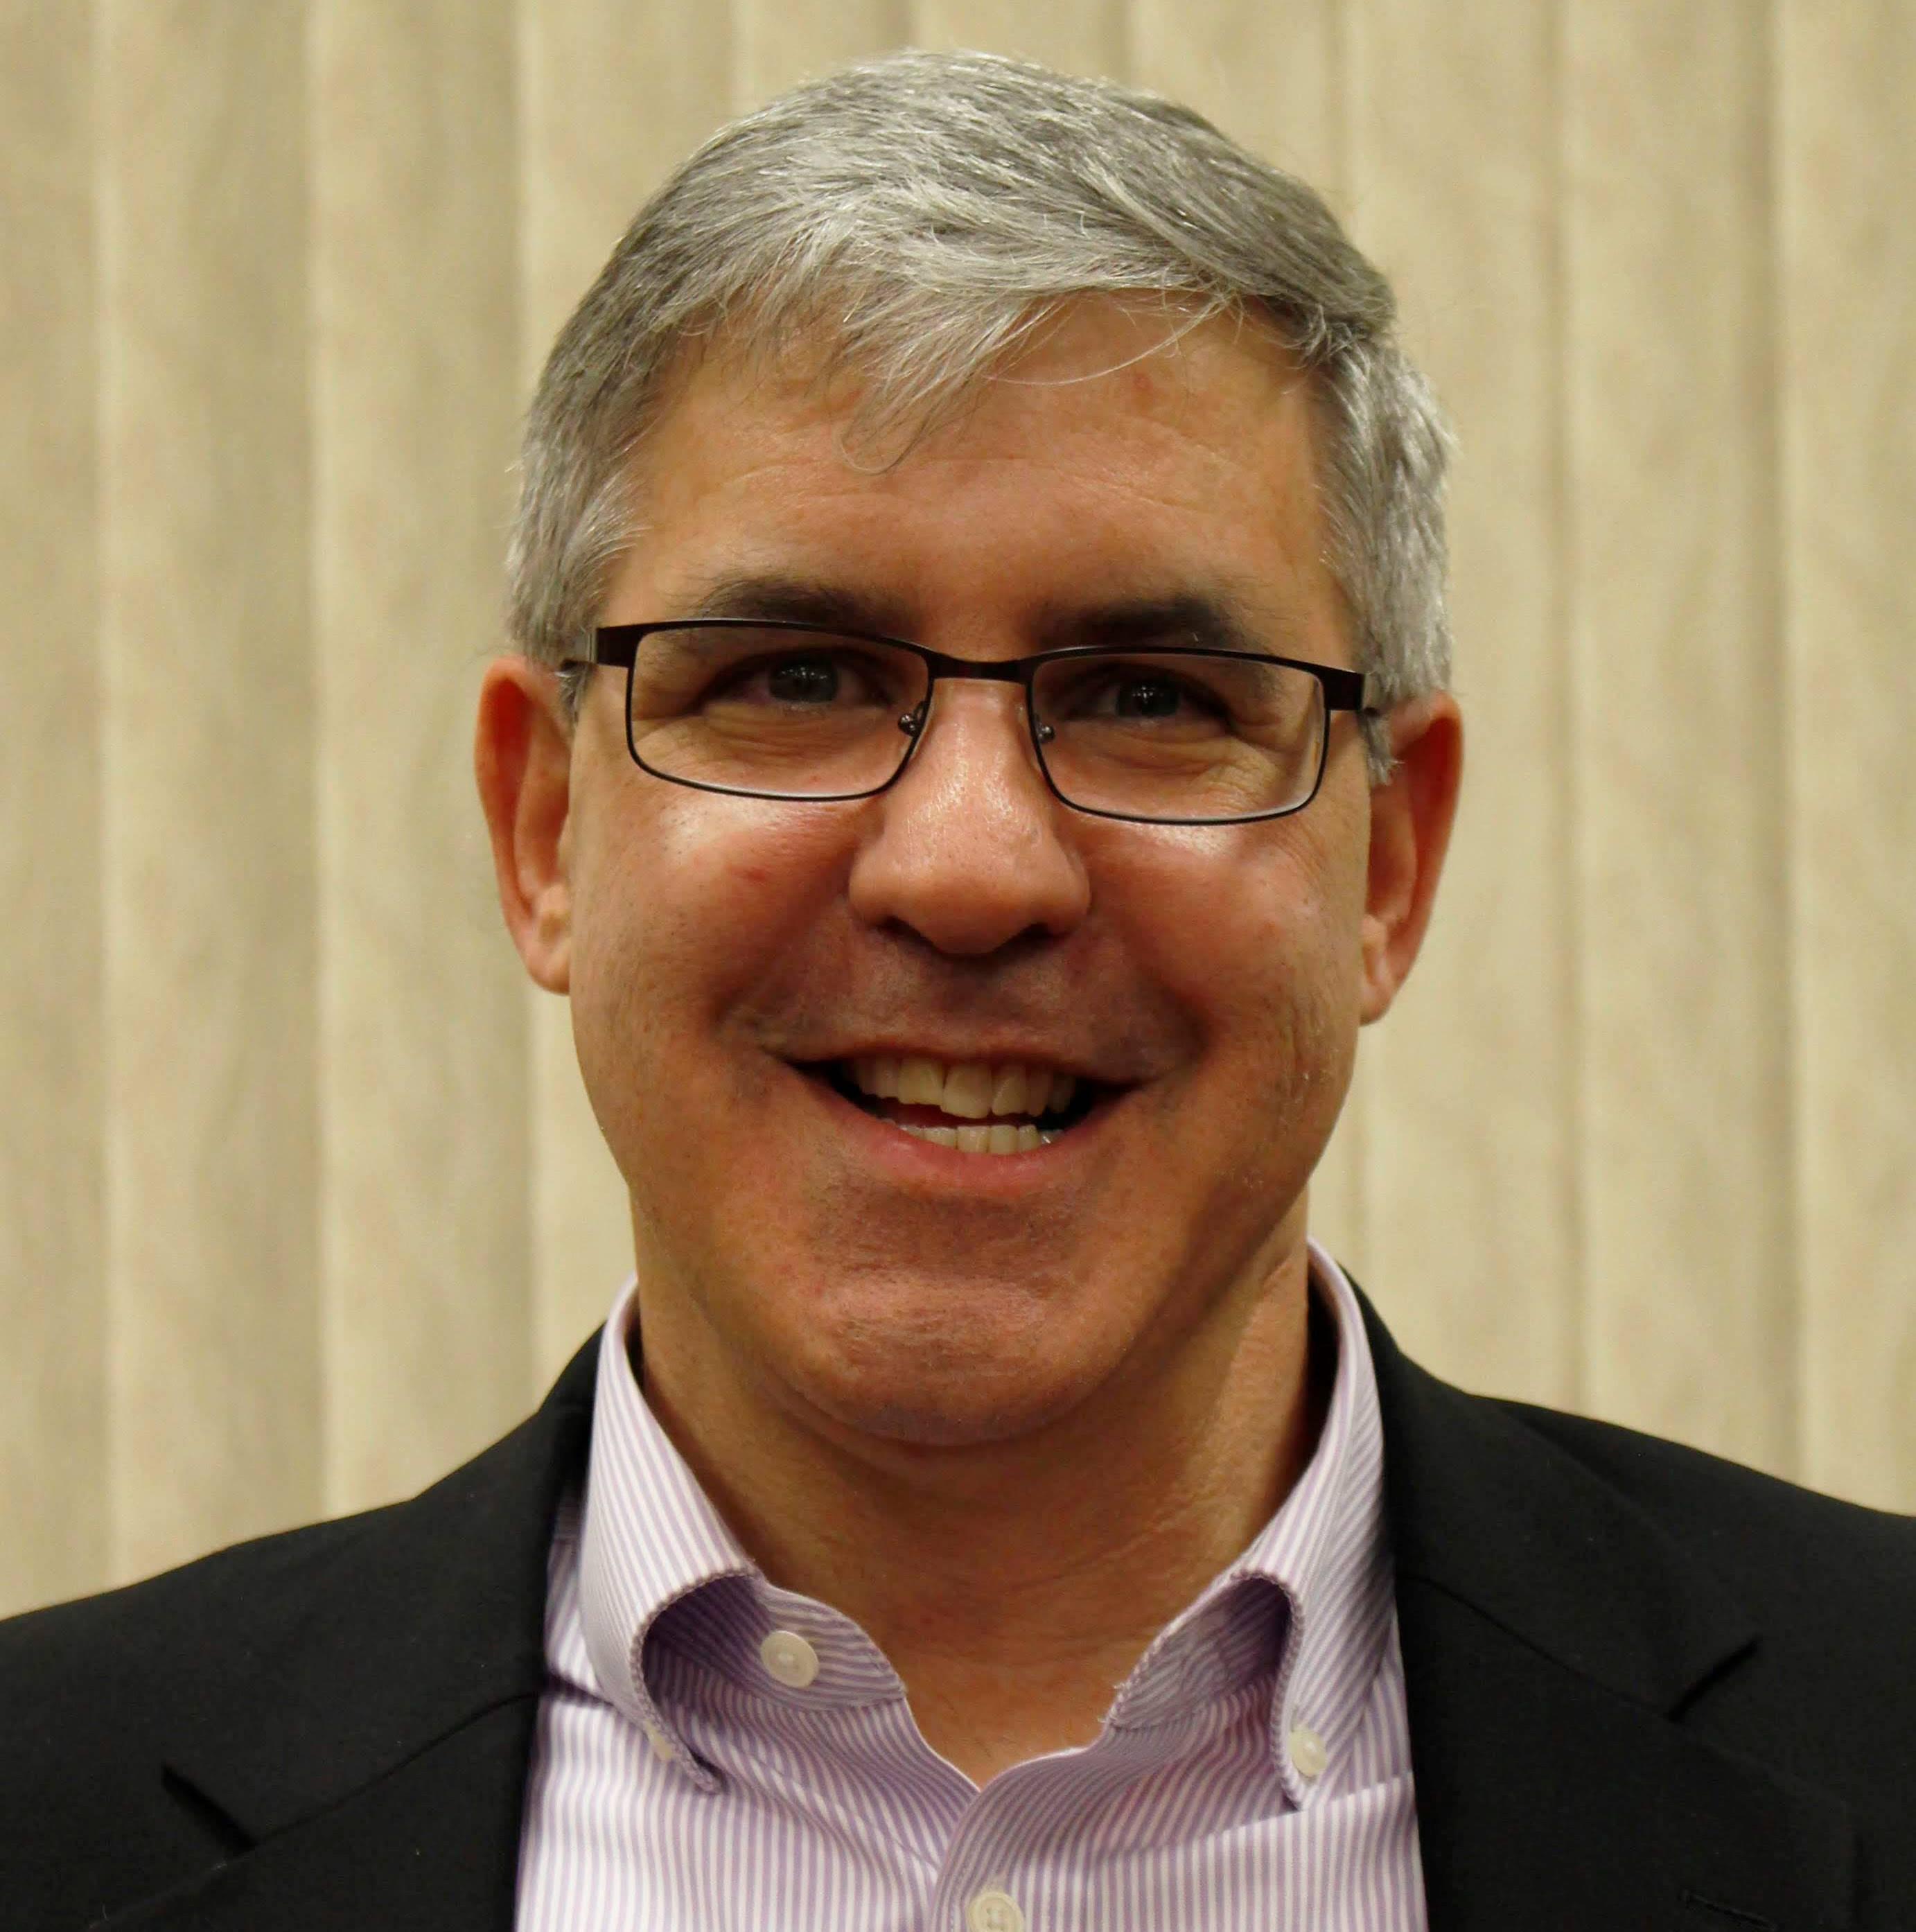 Phil Margolis, President